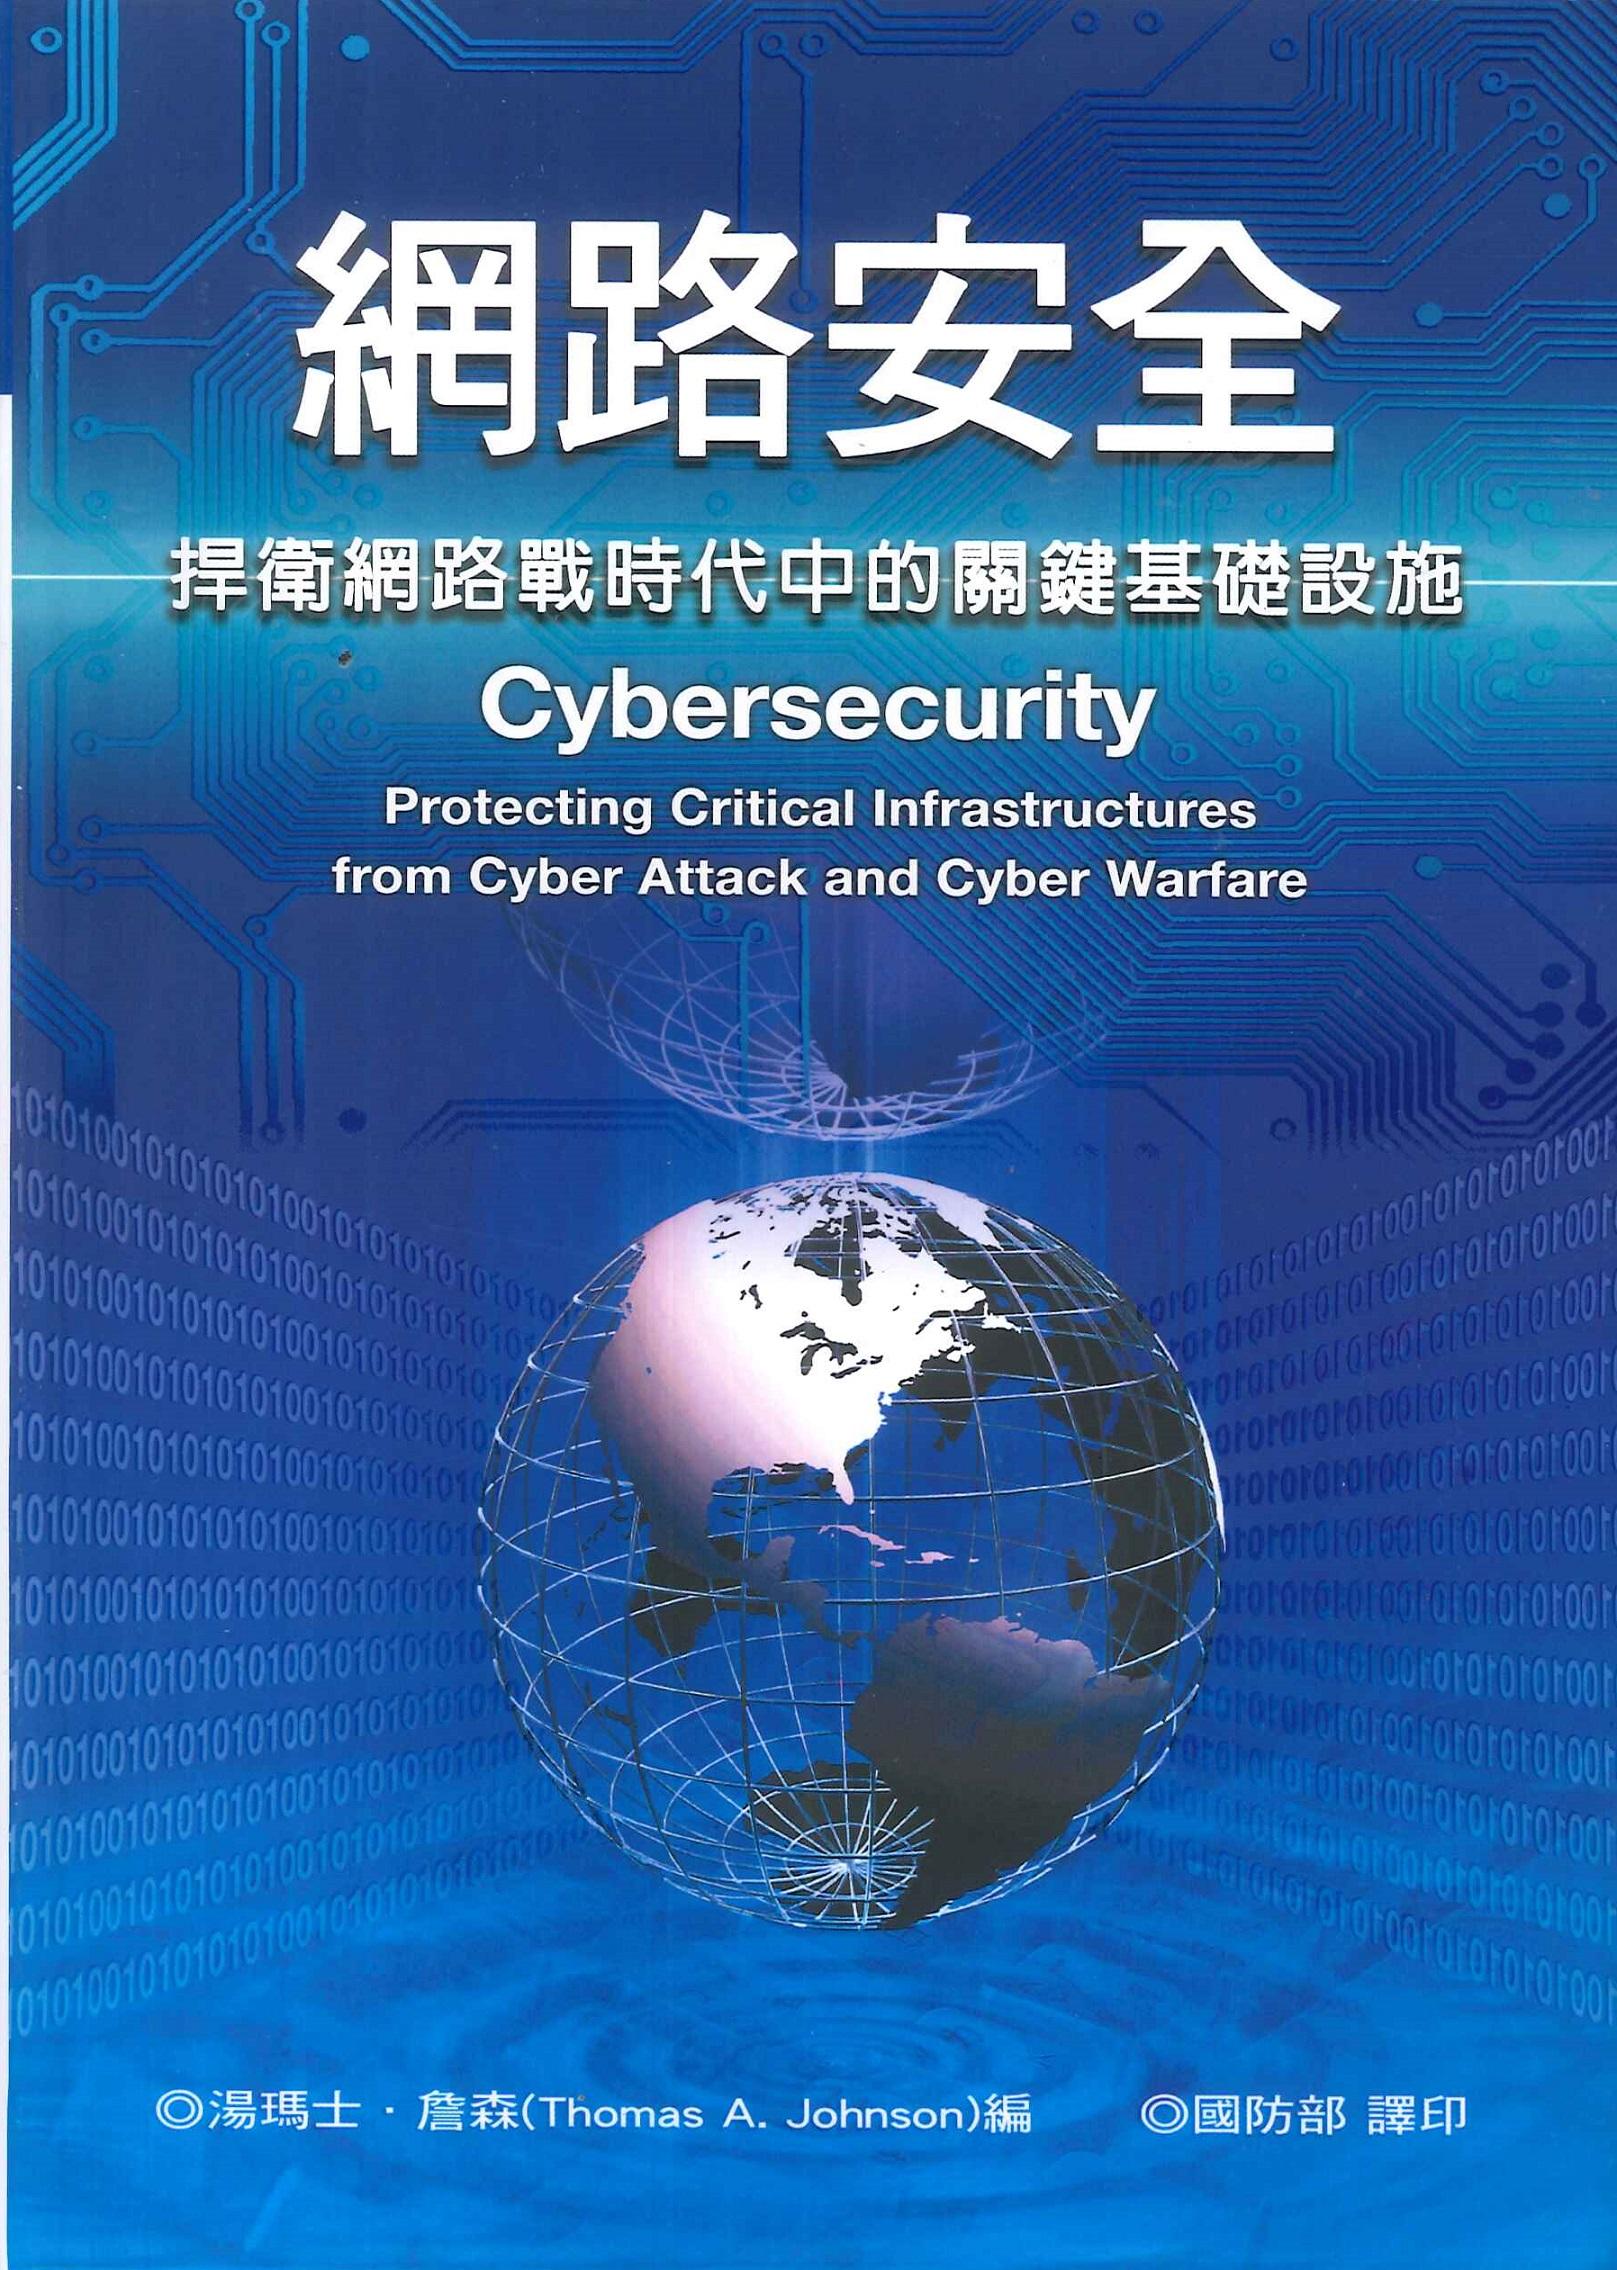 網路安全:捍衛網路戰時代中的關鍵基礎設施